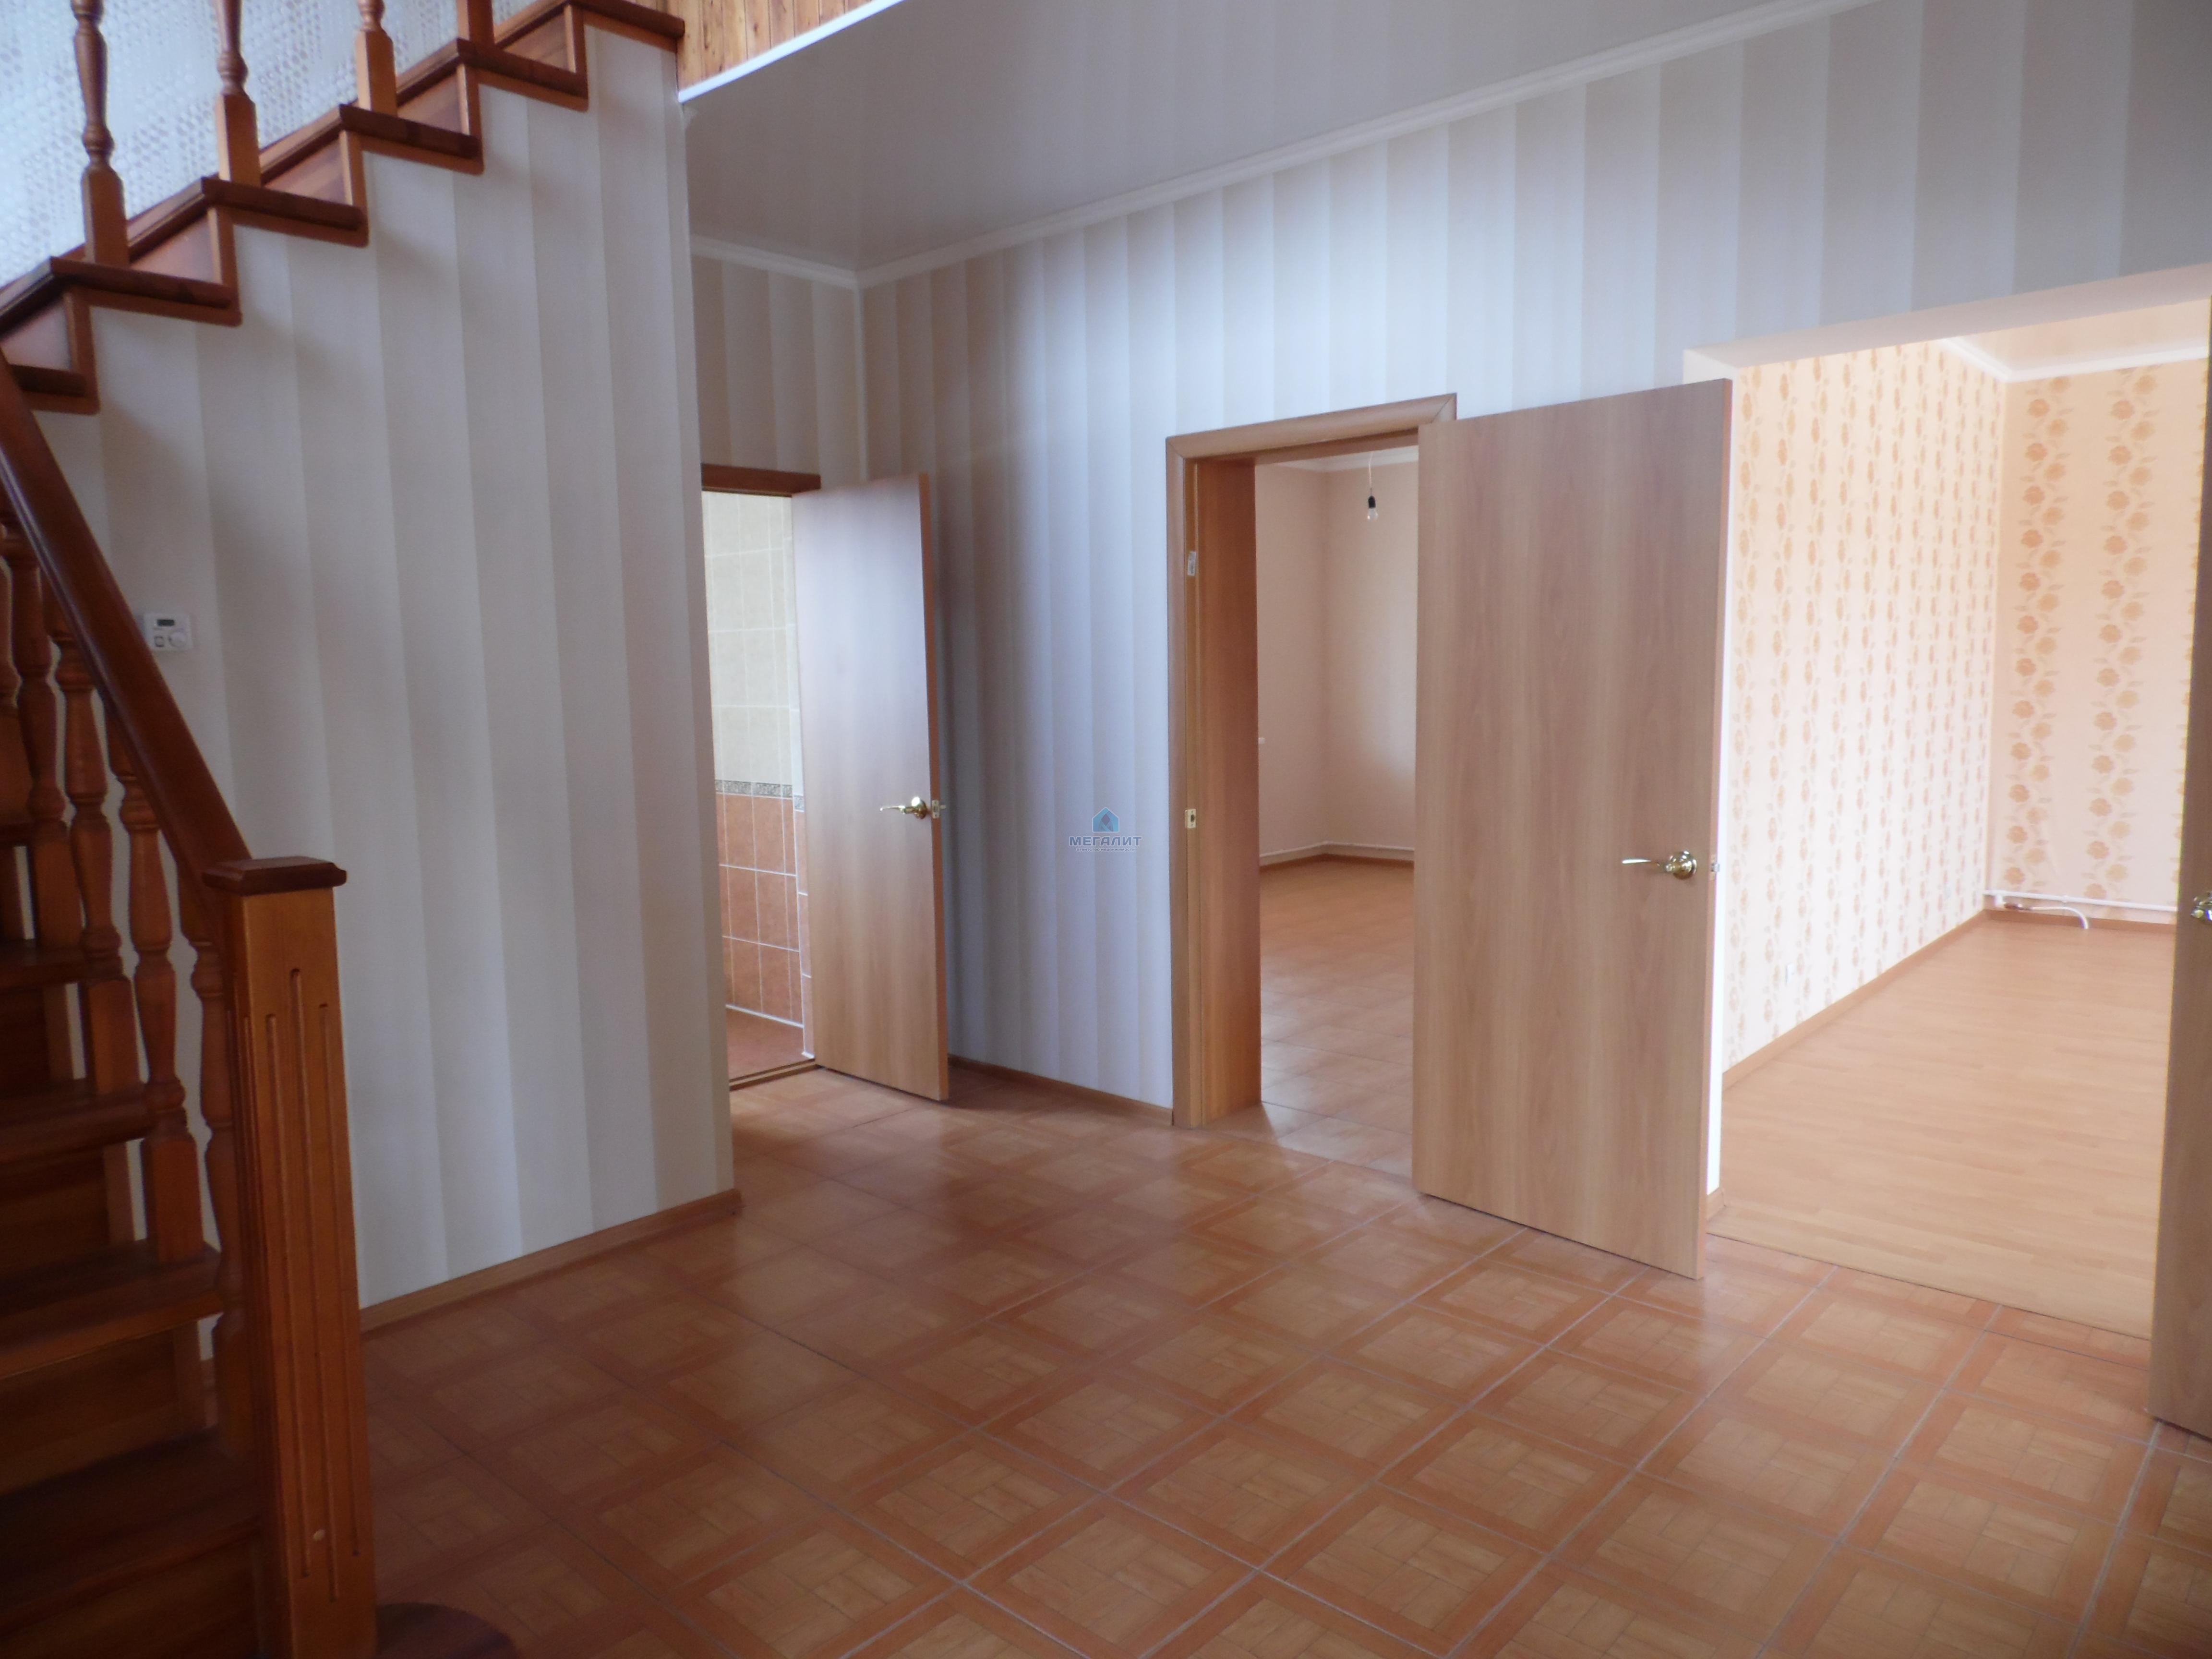 Продажа  дома Клеверная 1-ая  1а, 0 м2  (миниатюра №9)